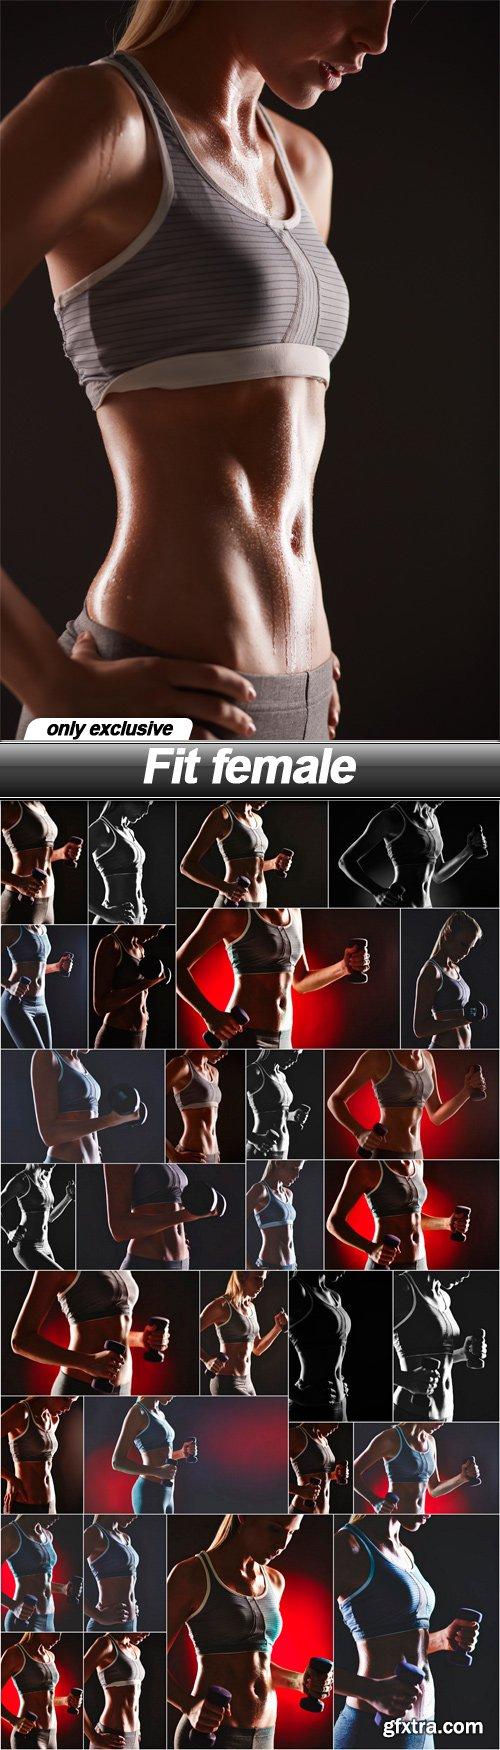 Fit female - 30 UHQ JPEG